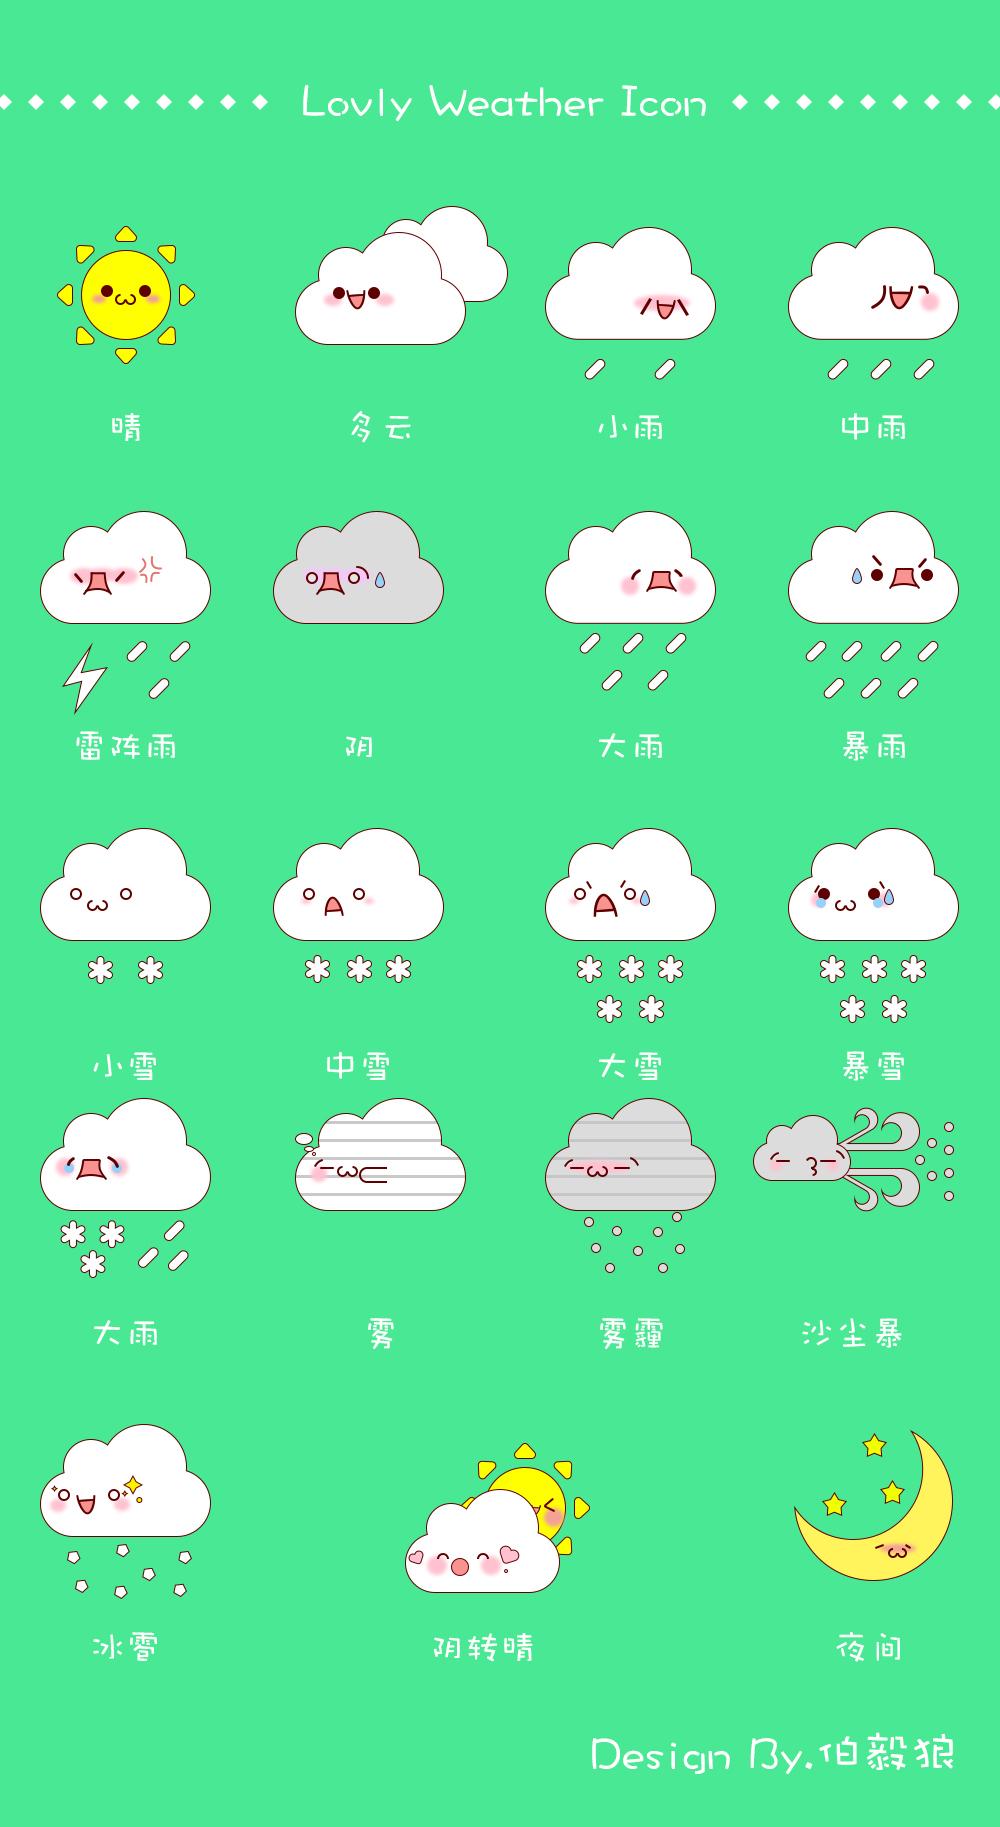 萌萌哒天气小图标